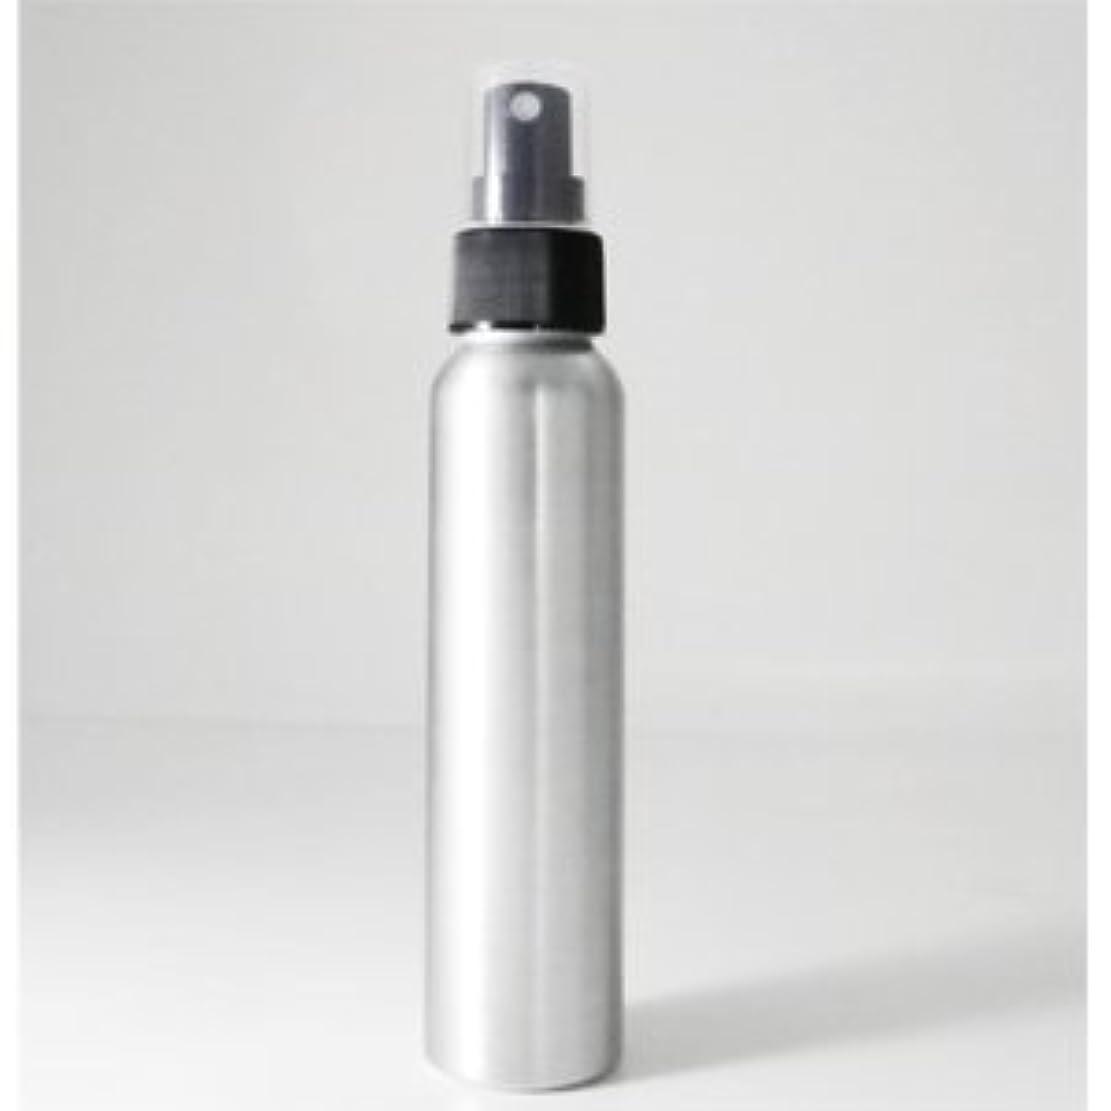 生息地株式会社ベイビーアルミボトル スプレー容器 化粧品容器 100ml